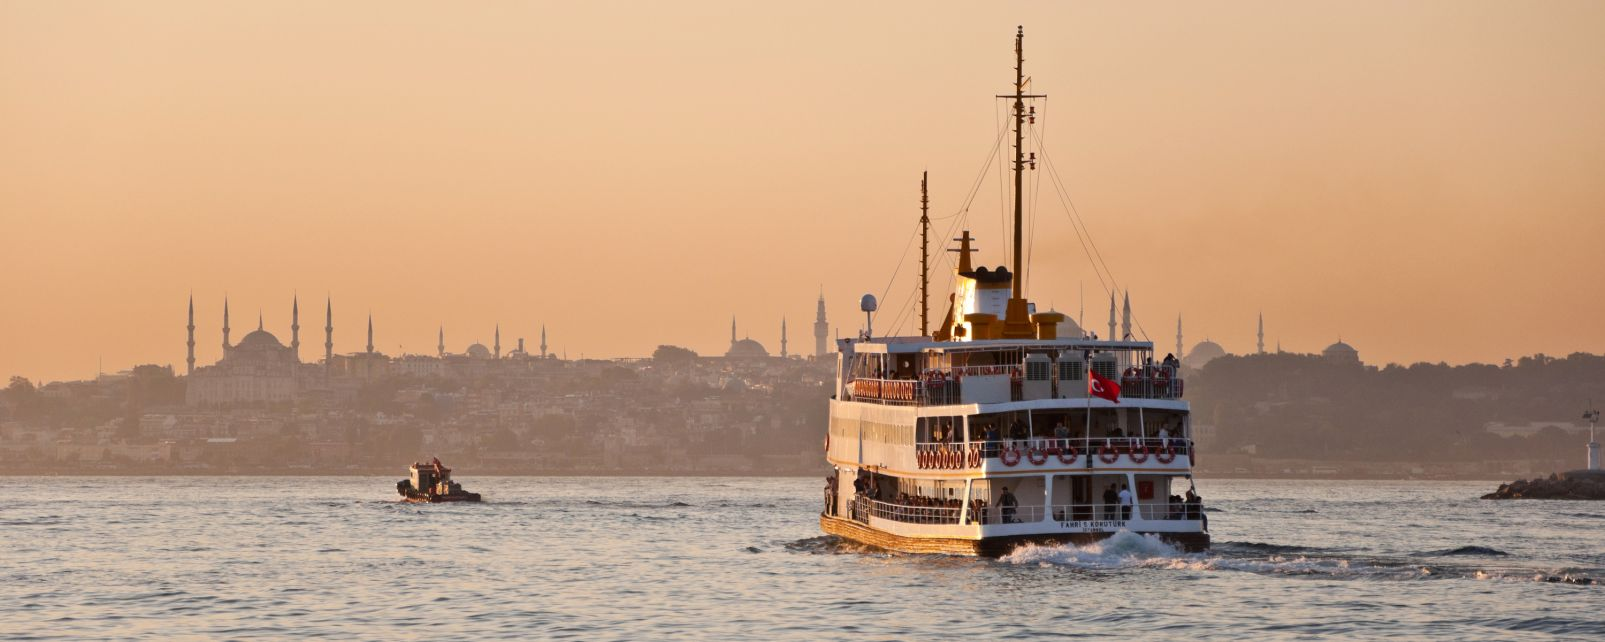 Das Marmarameer, Die Küsten, Türkei